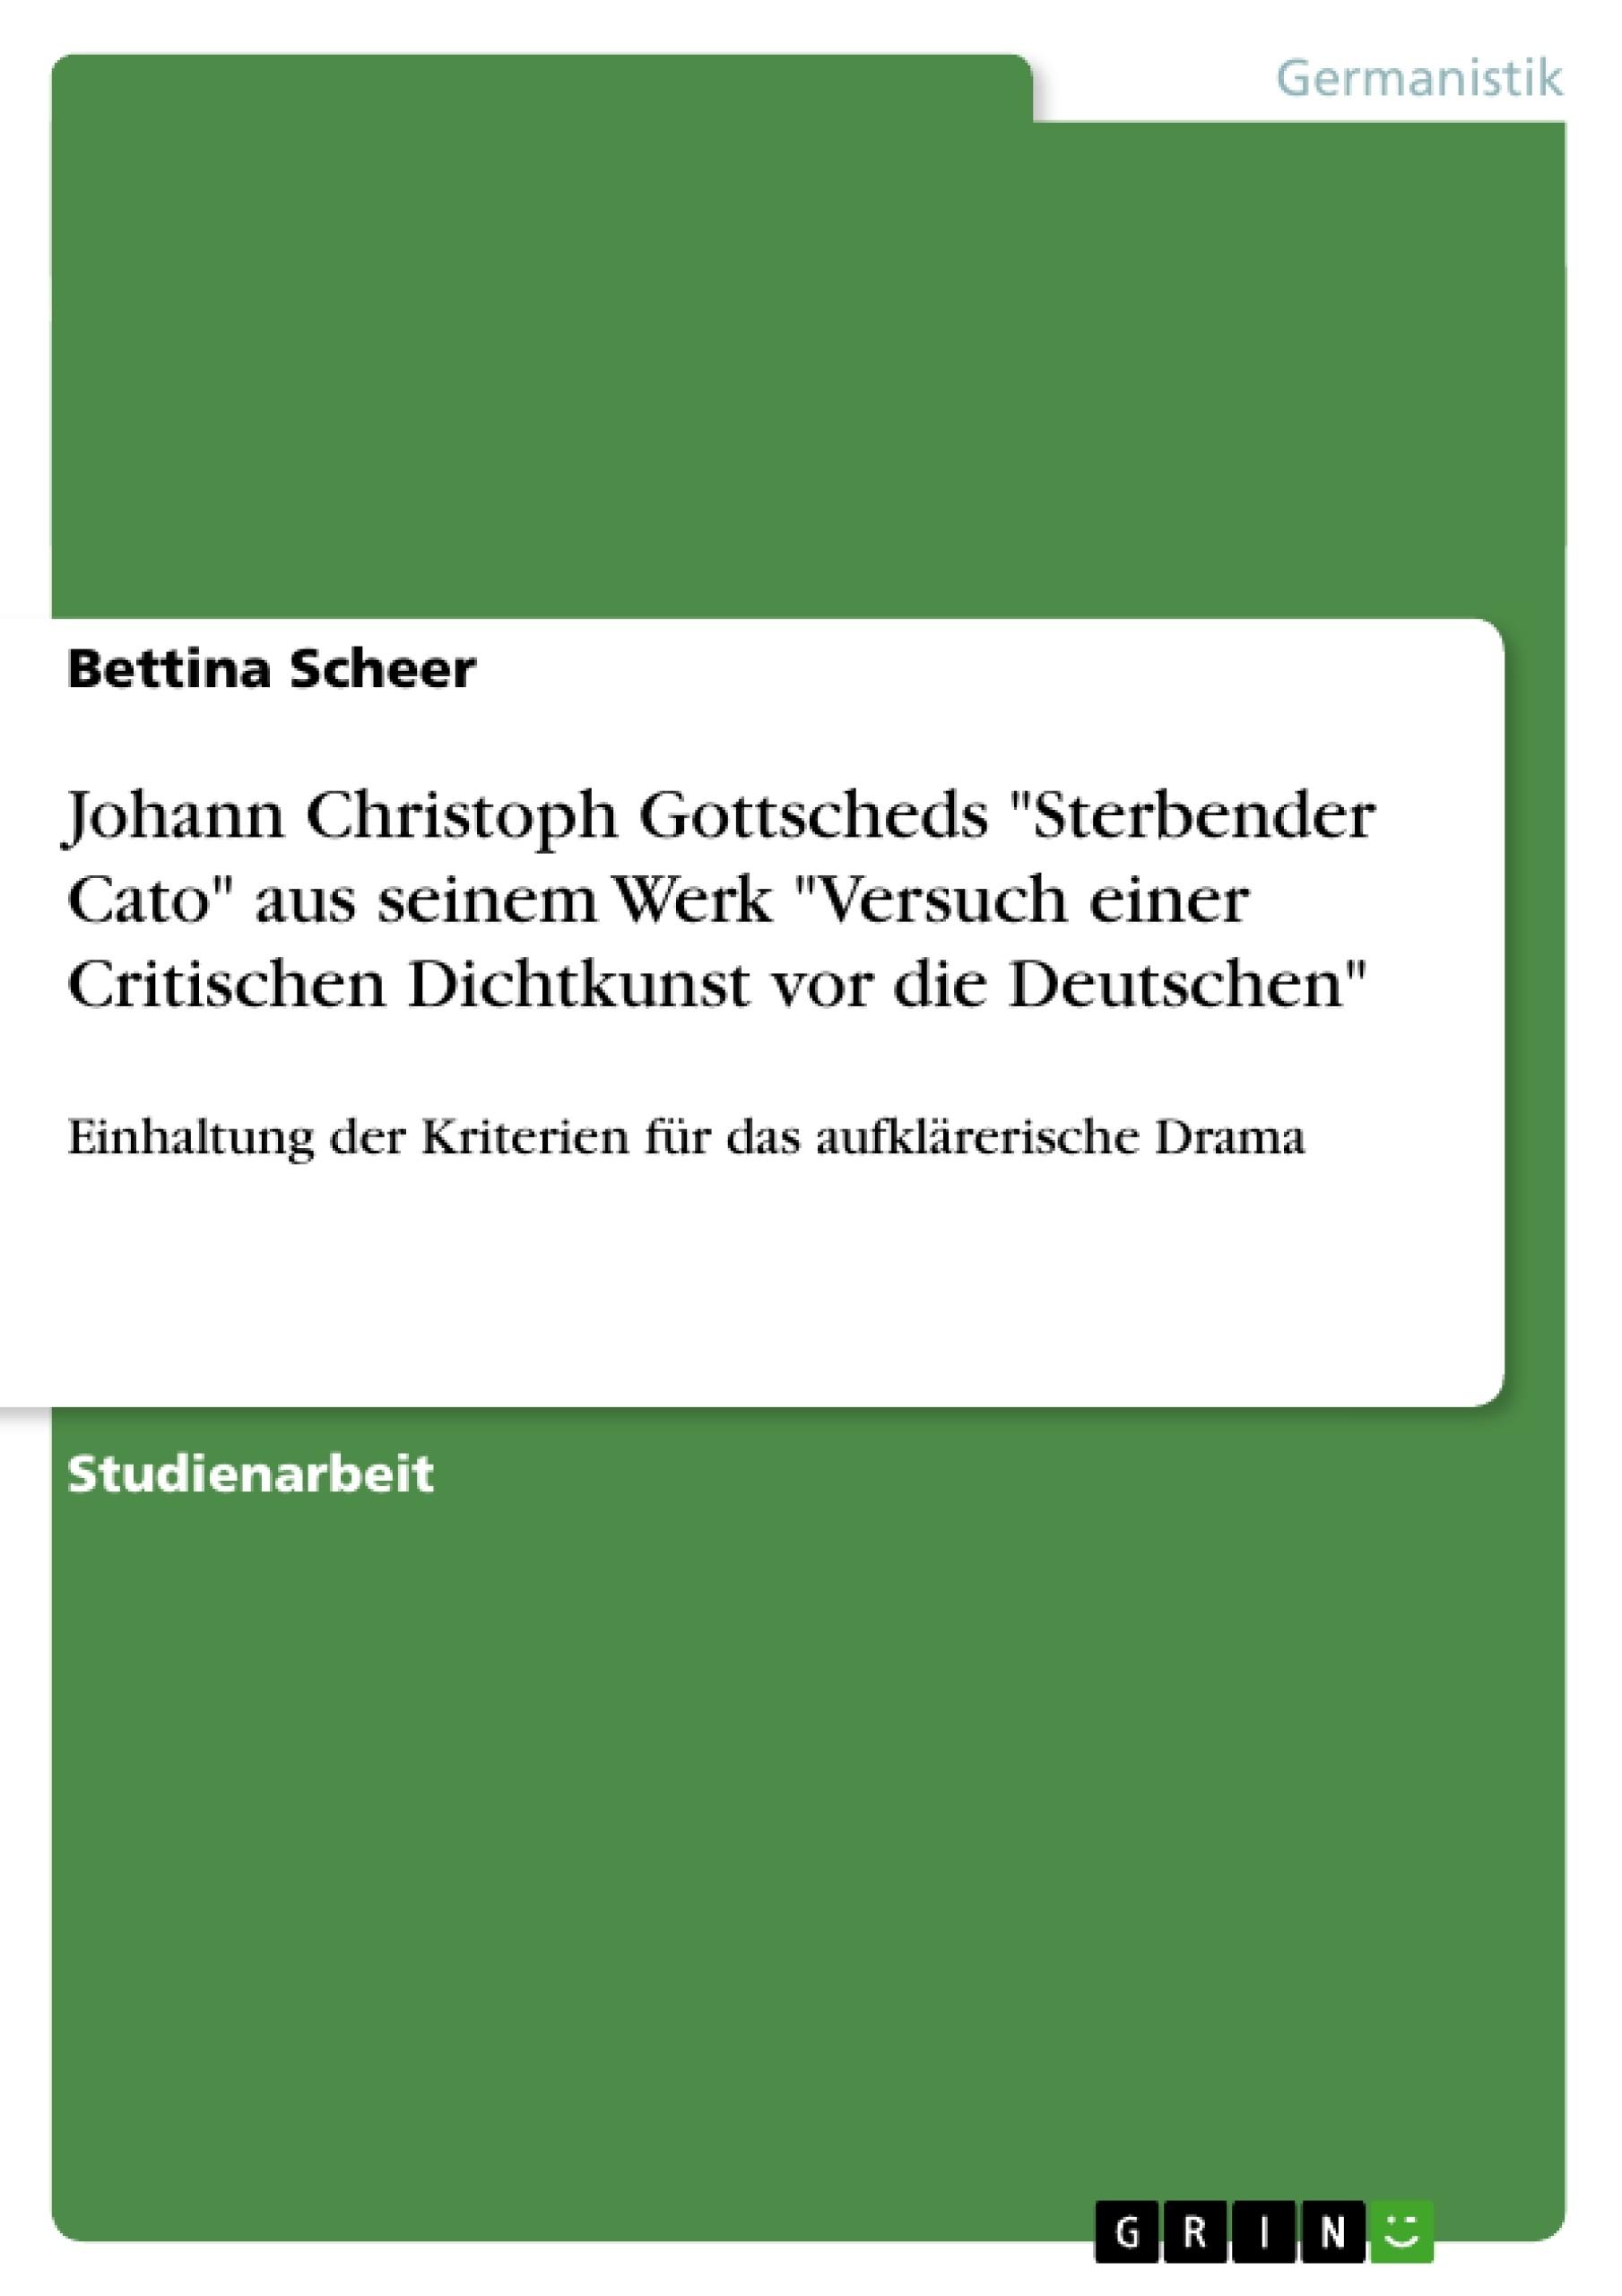 """Titel: Johann Christoph Gottscheds """"Sterbender Cato"""" aus seinem Werk """"Versuch einer Critischen Dichtkunst vor die Deutschen"""""""